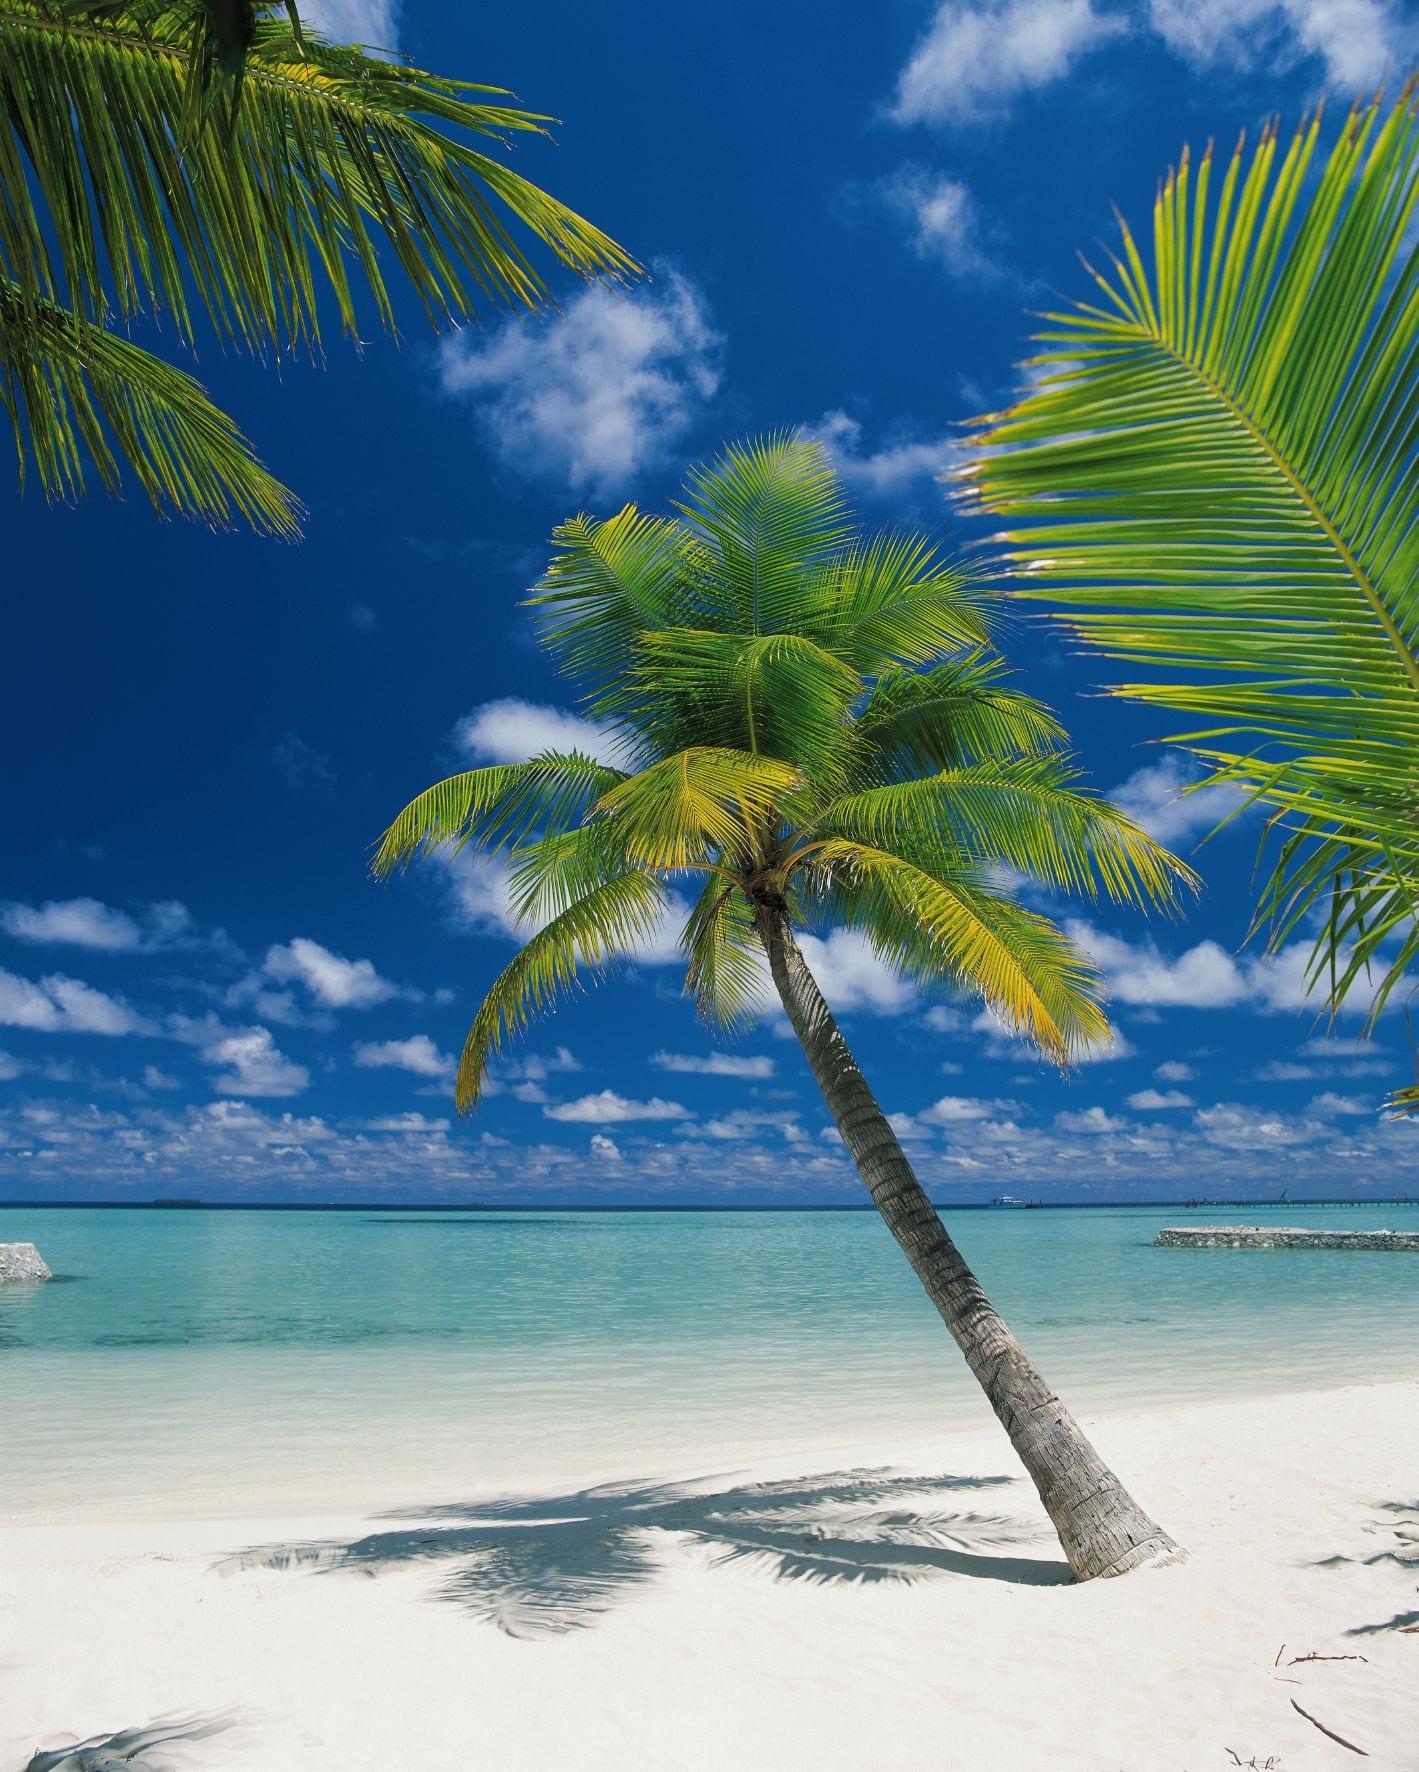 Fotomural Playa palmeras 4883 Komar